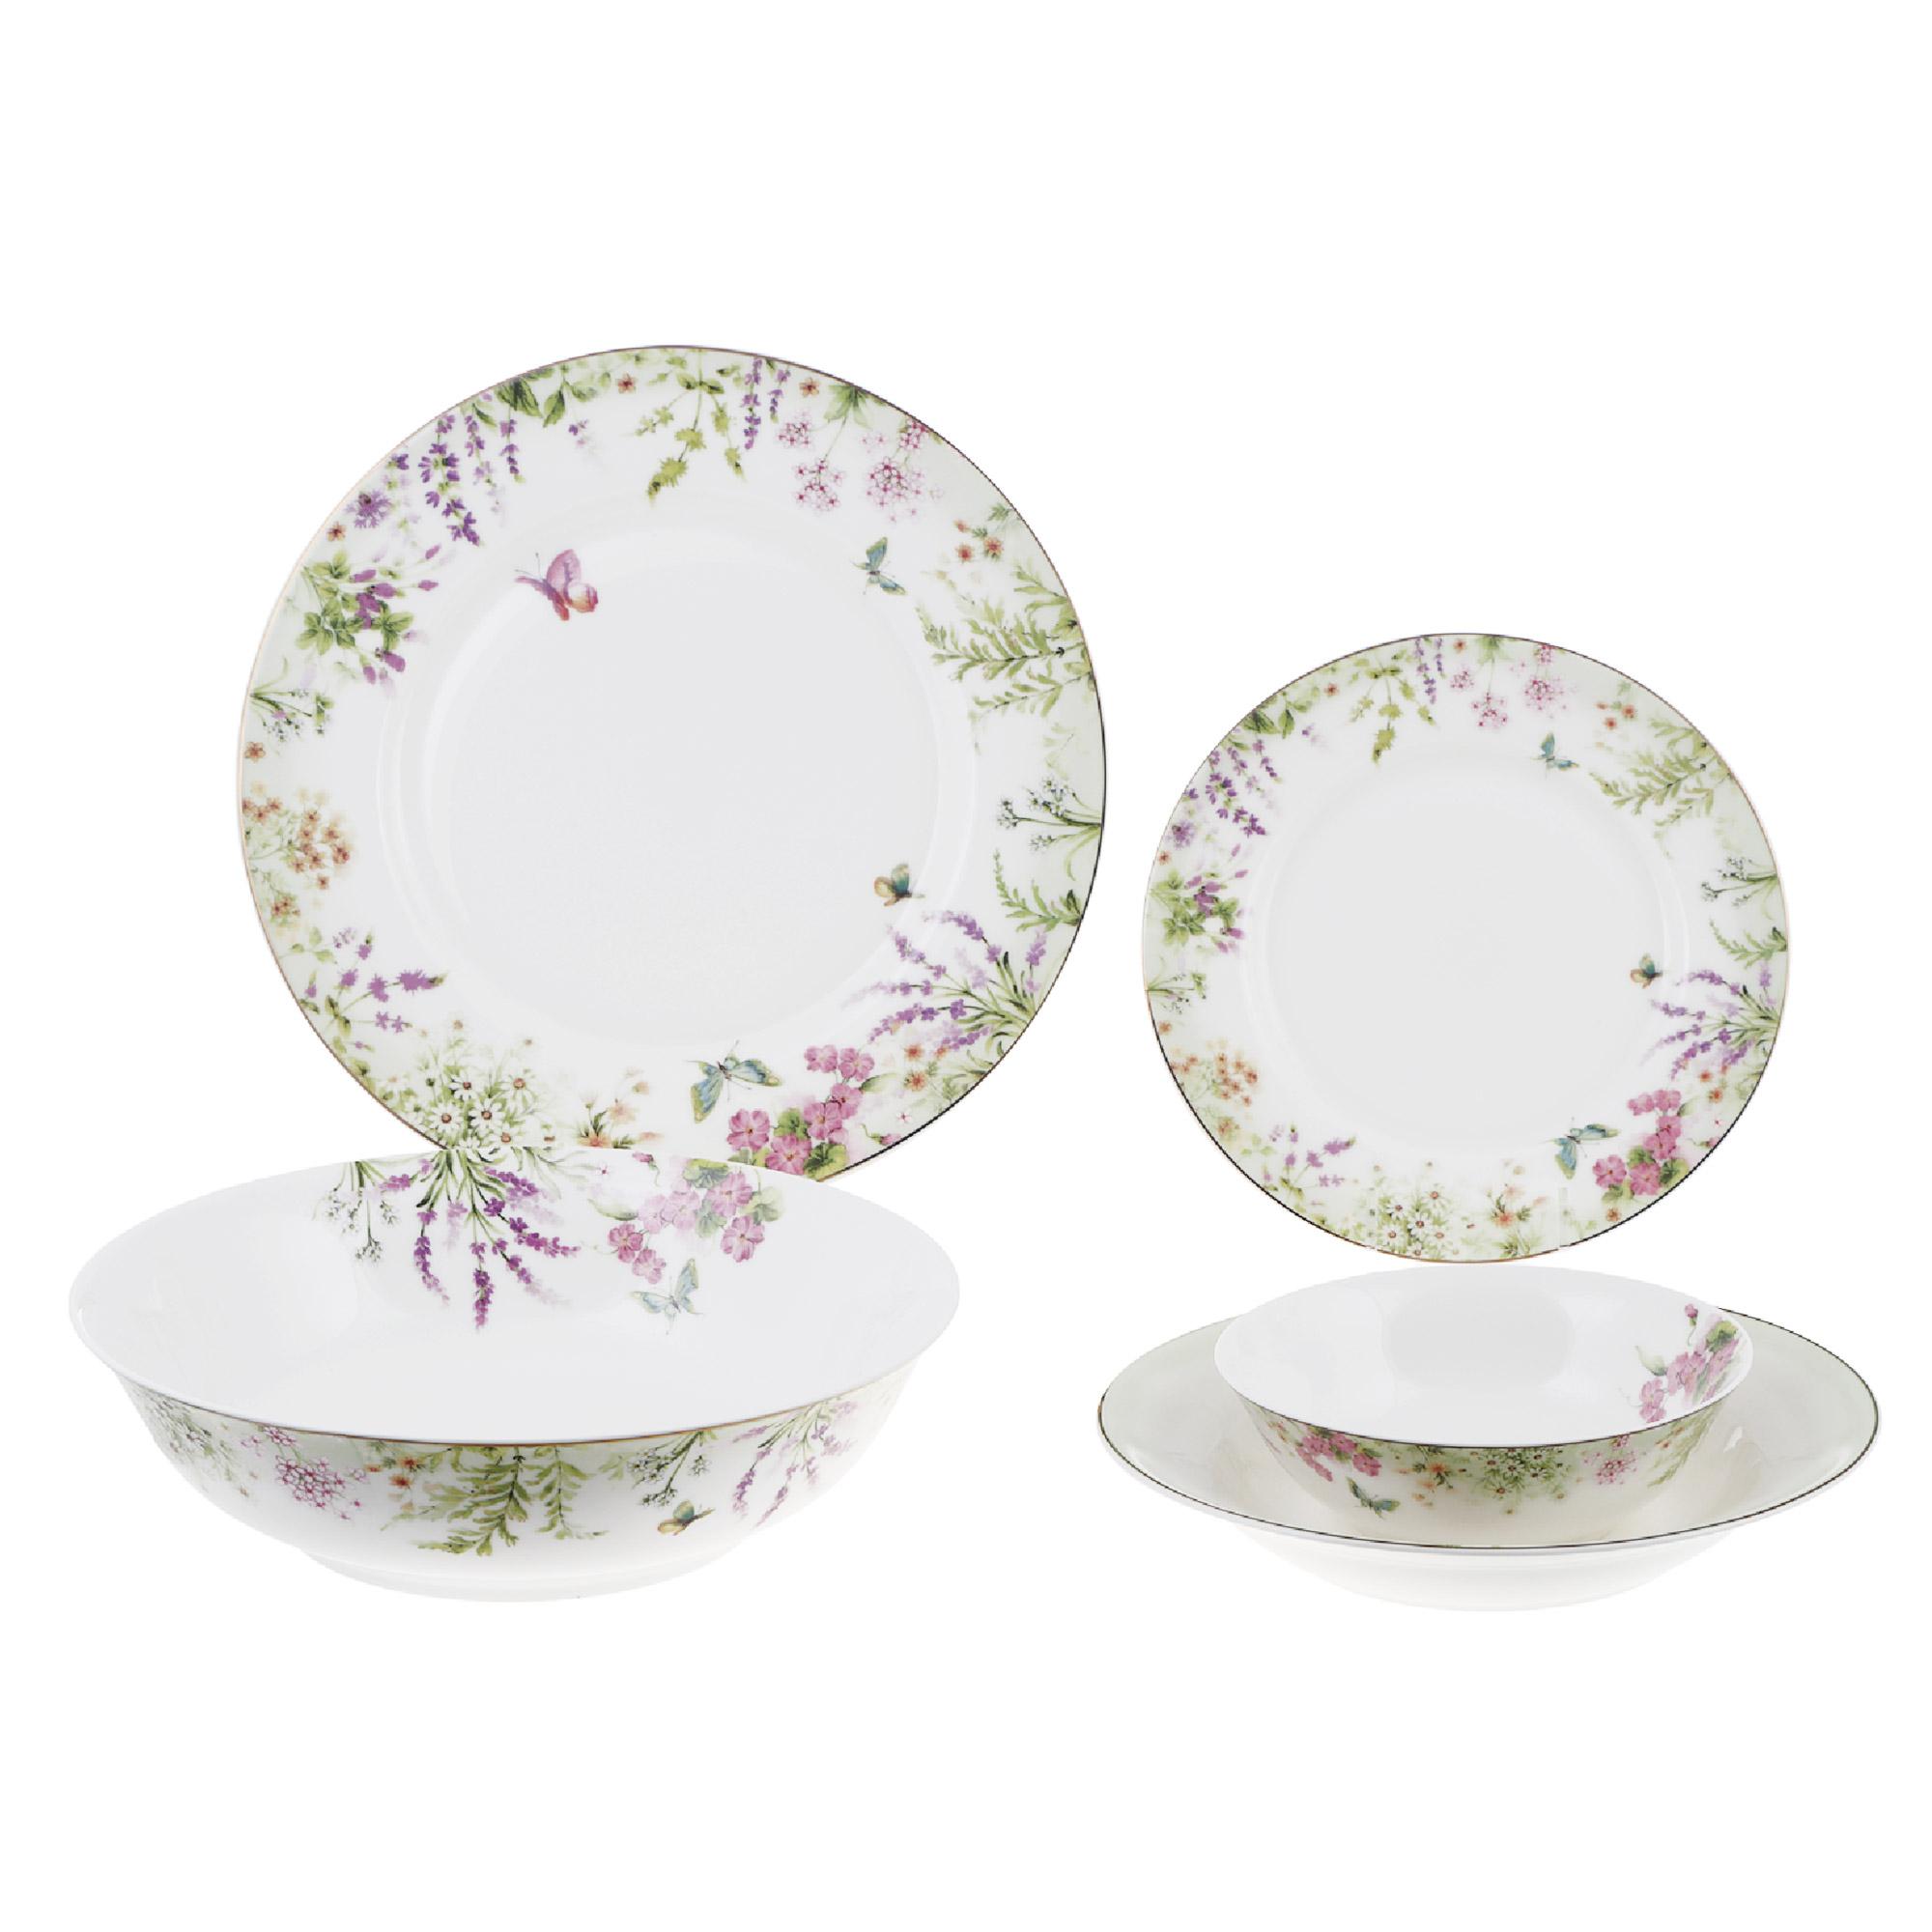 Набор столовый Macbeth bone porcelain Kiara 17 предметов 4 персоны